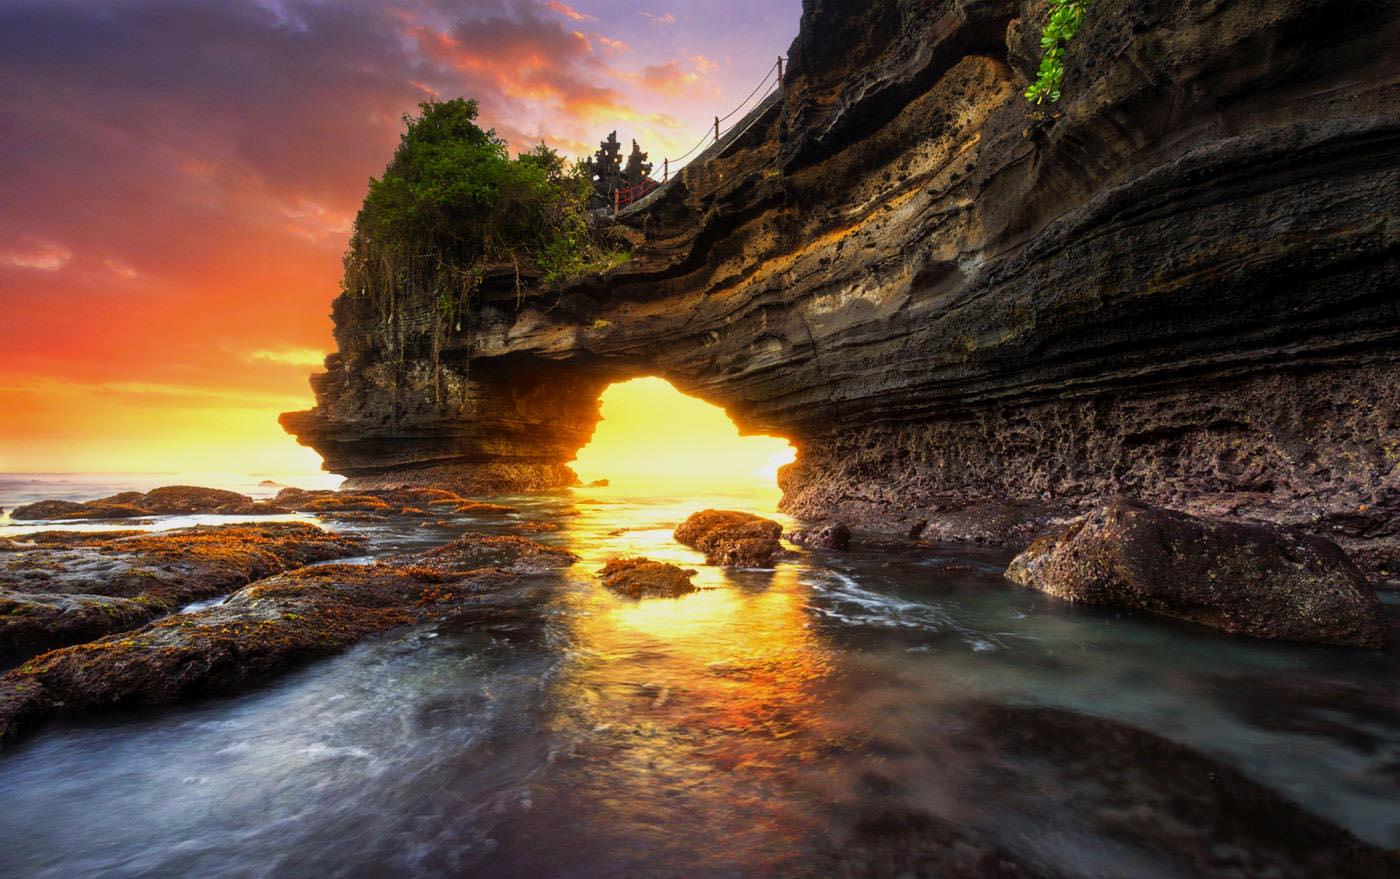 ۱۰تا از جاهای دیدنی بالی که نباید از دست داد